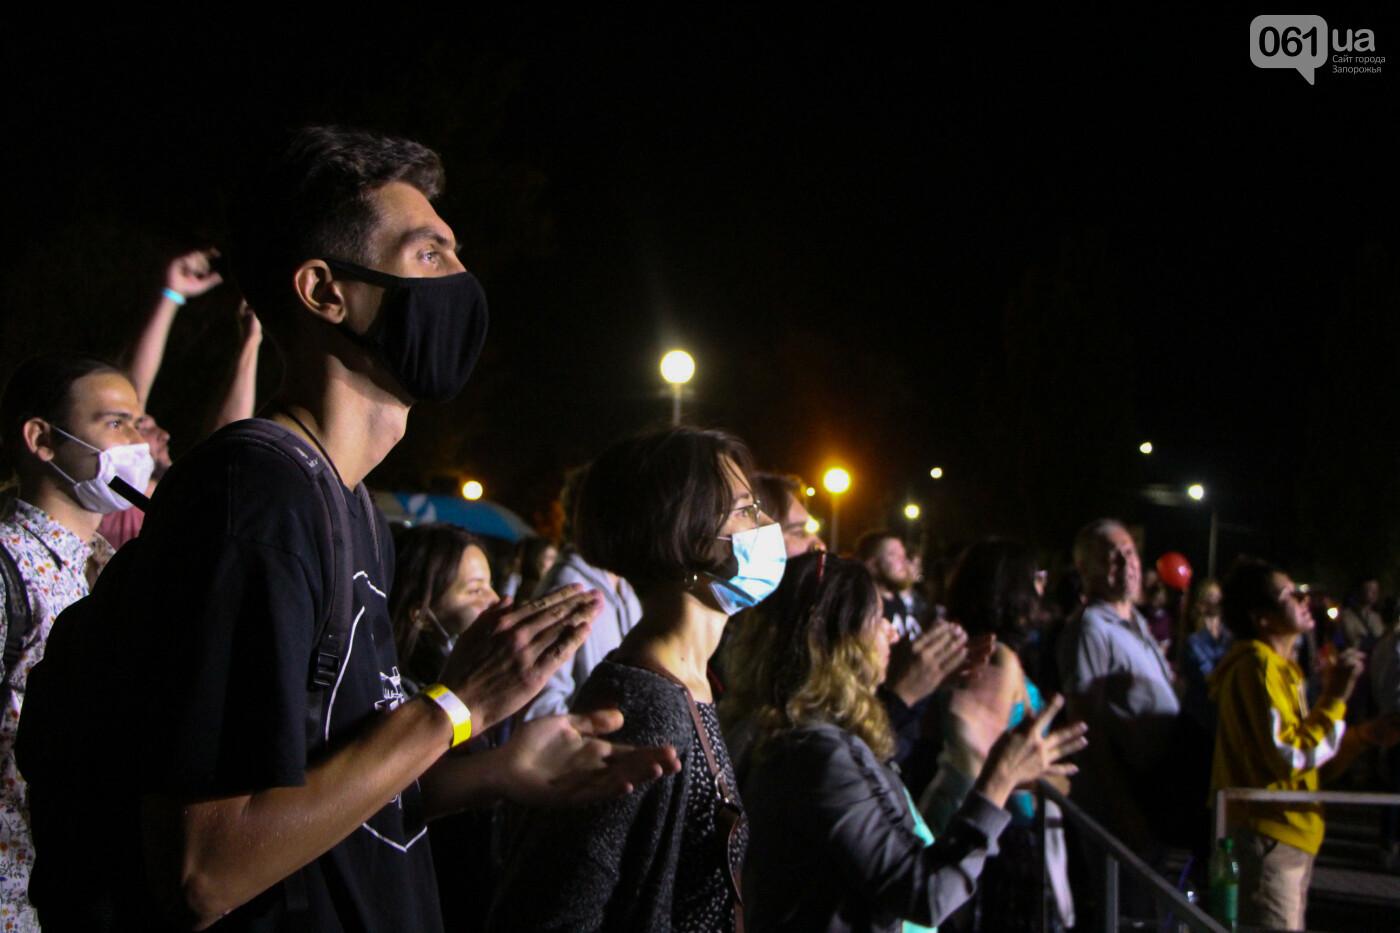 Концерт группы «Жадан і Собаки» собрал сотни запорожцев: как это было, - ФОТОРЕПОРТАЖ, фото-35